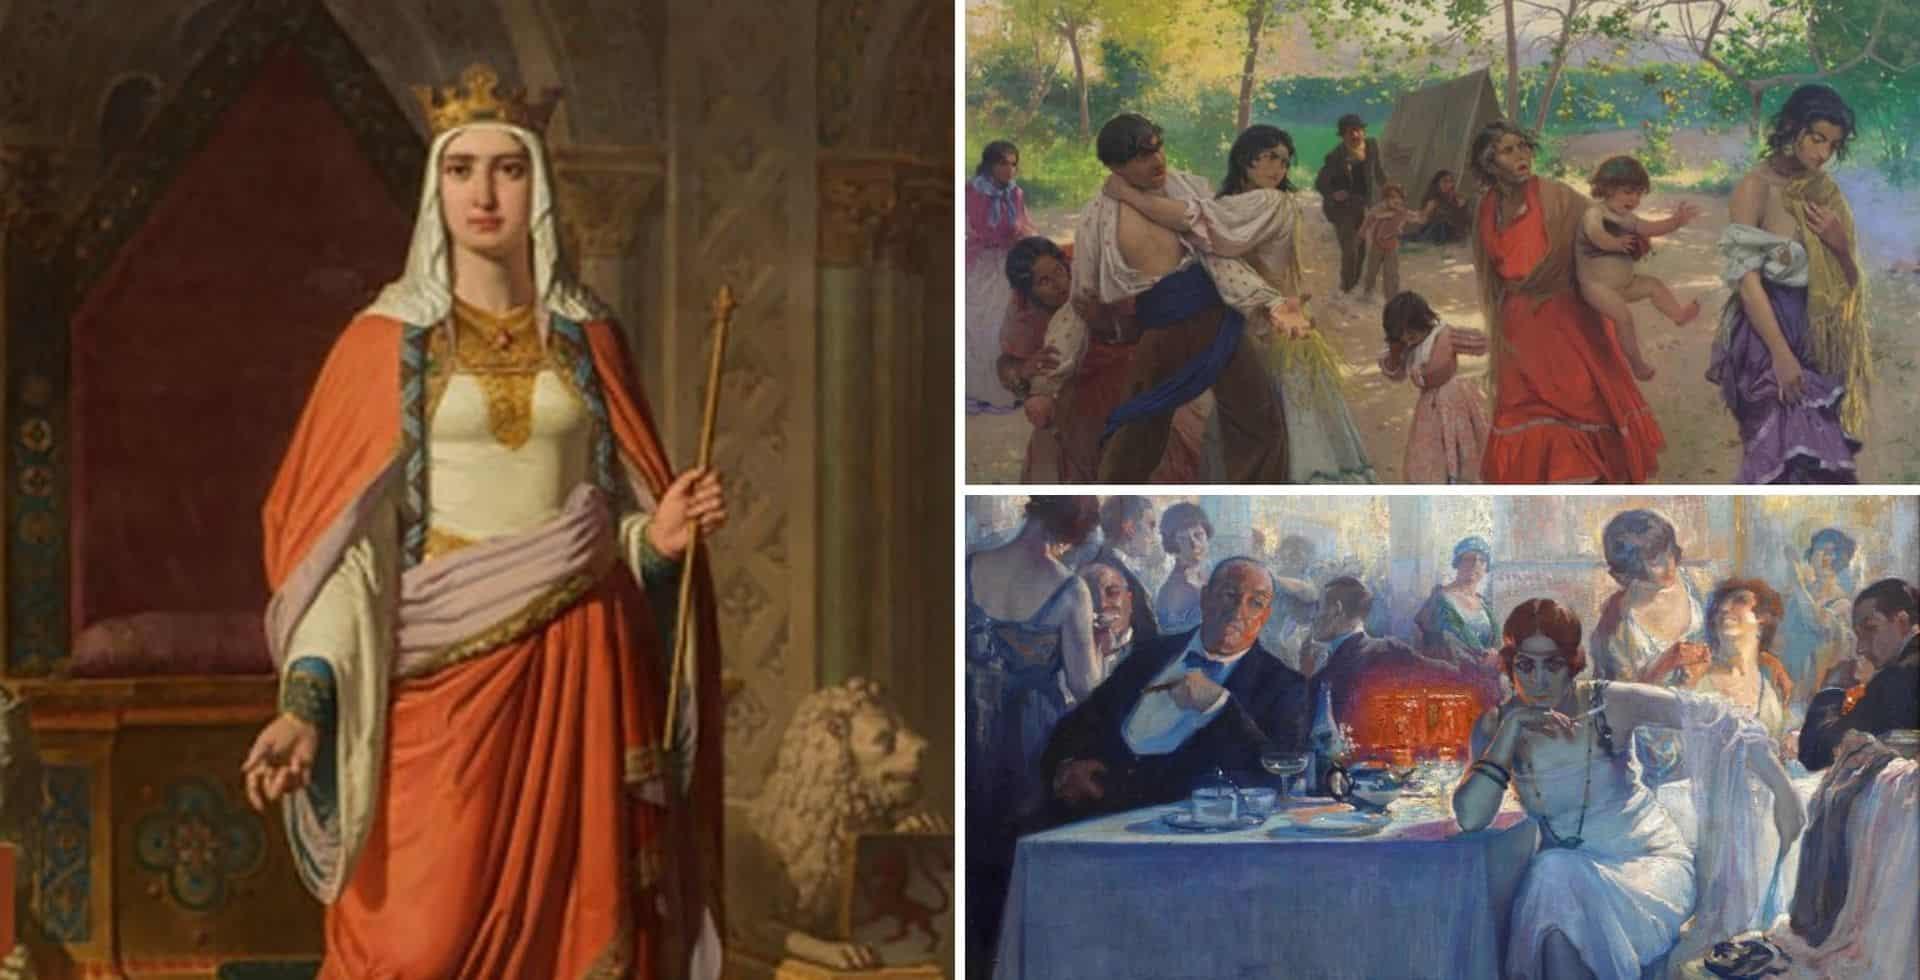 España: el Museo del Prado dio inicio a su primera exposición desde su reapertura y se llama 'Invitadas'